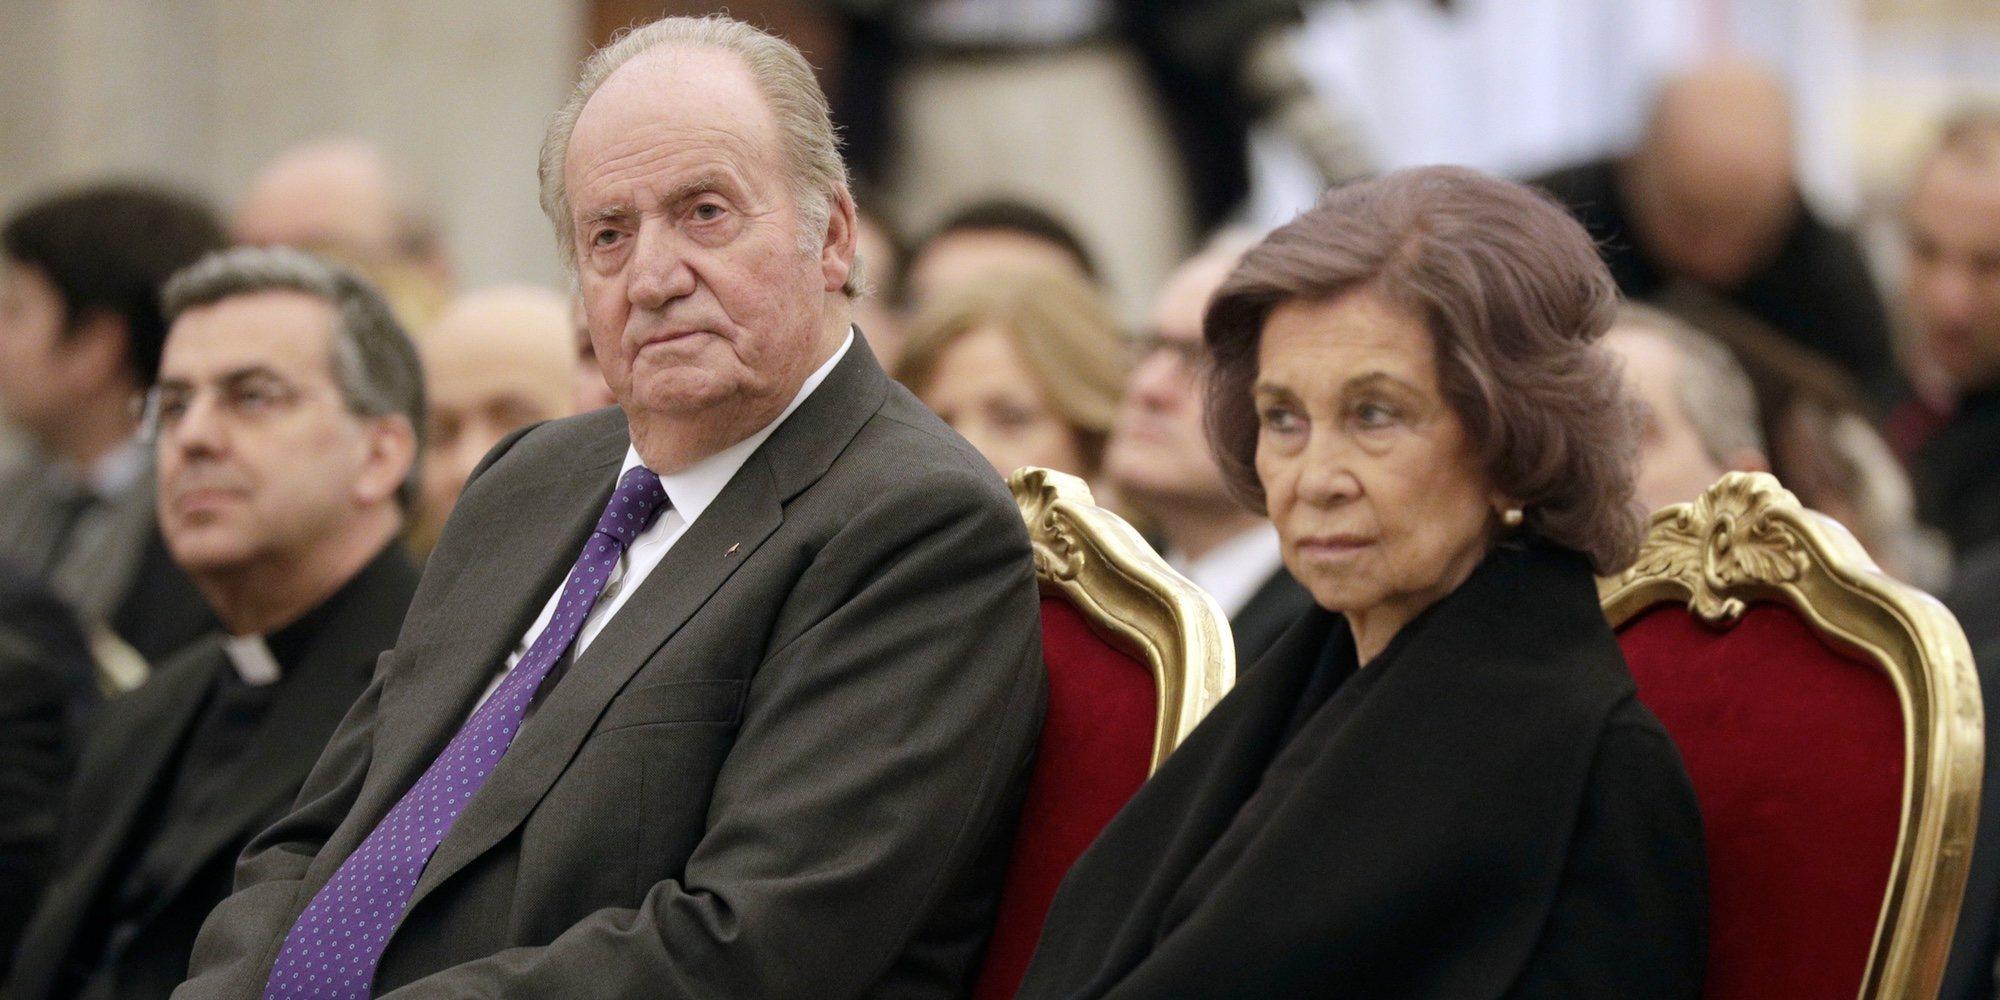 La comida en la que el Rey Juan Carlos interrumpió su coqueteo con Antonia Dell'Atte para reírse de la Reina Sofía